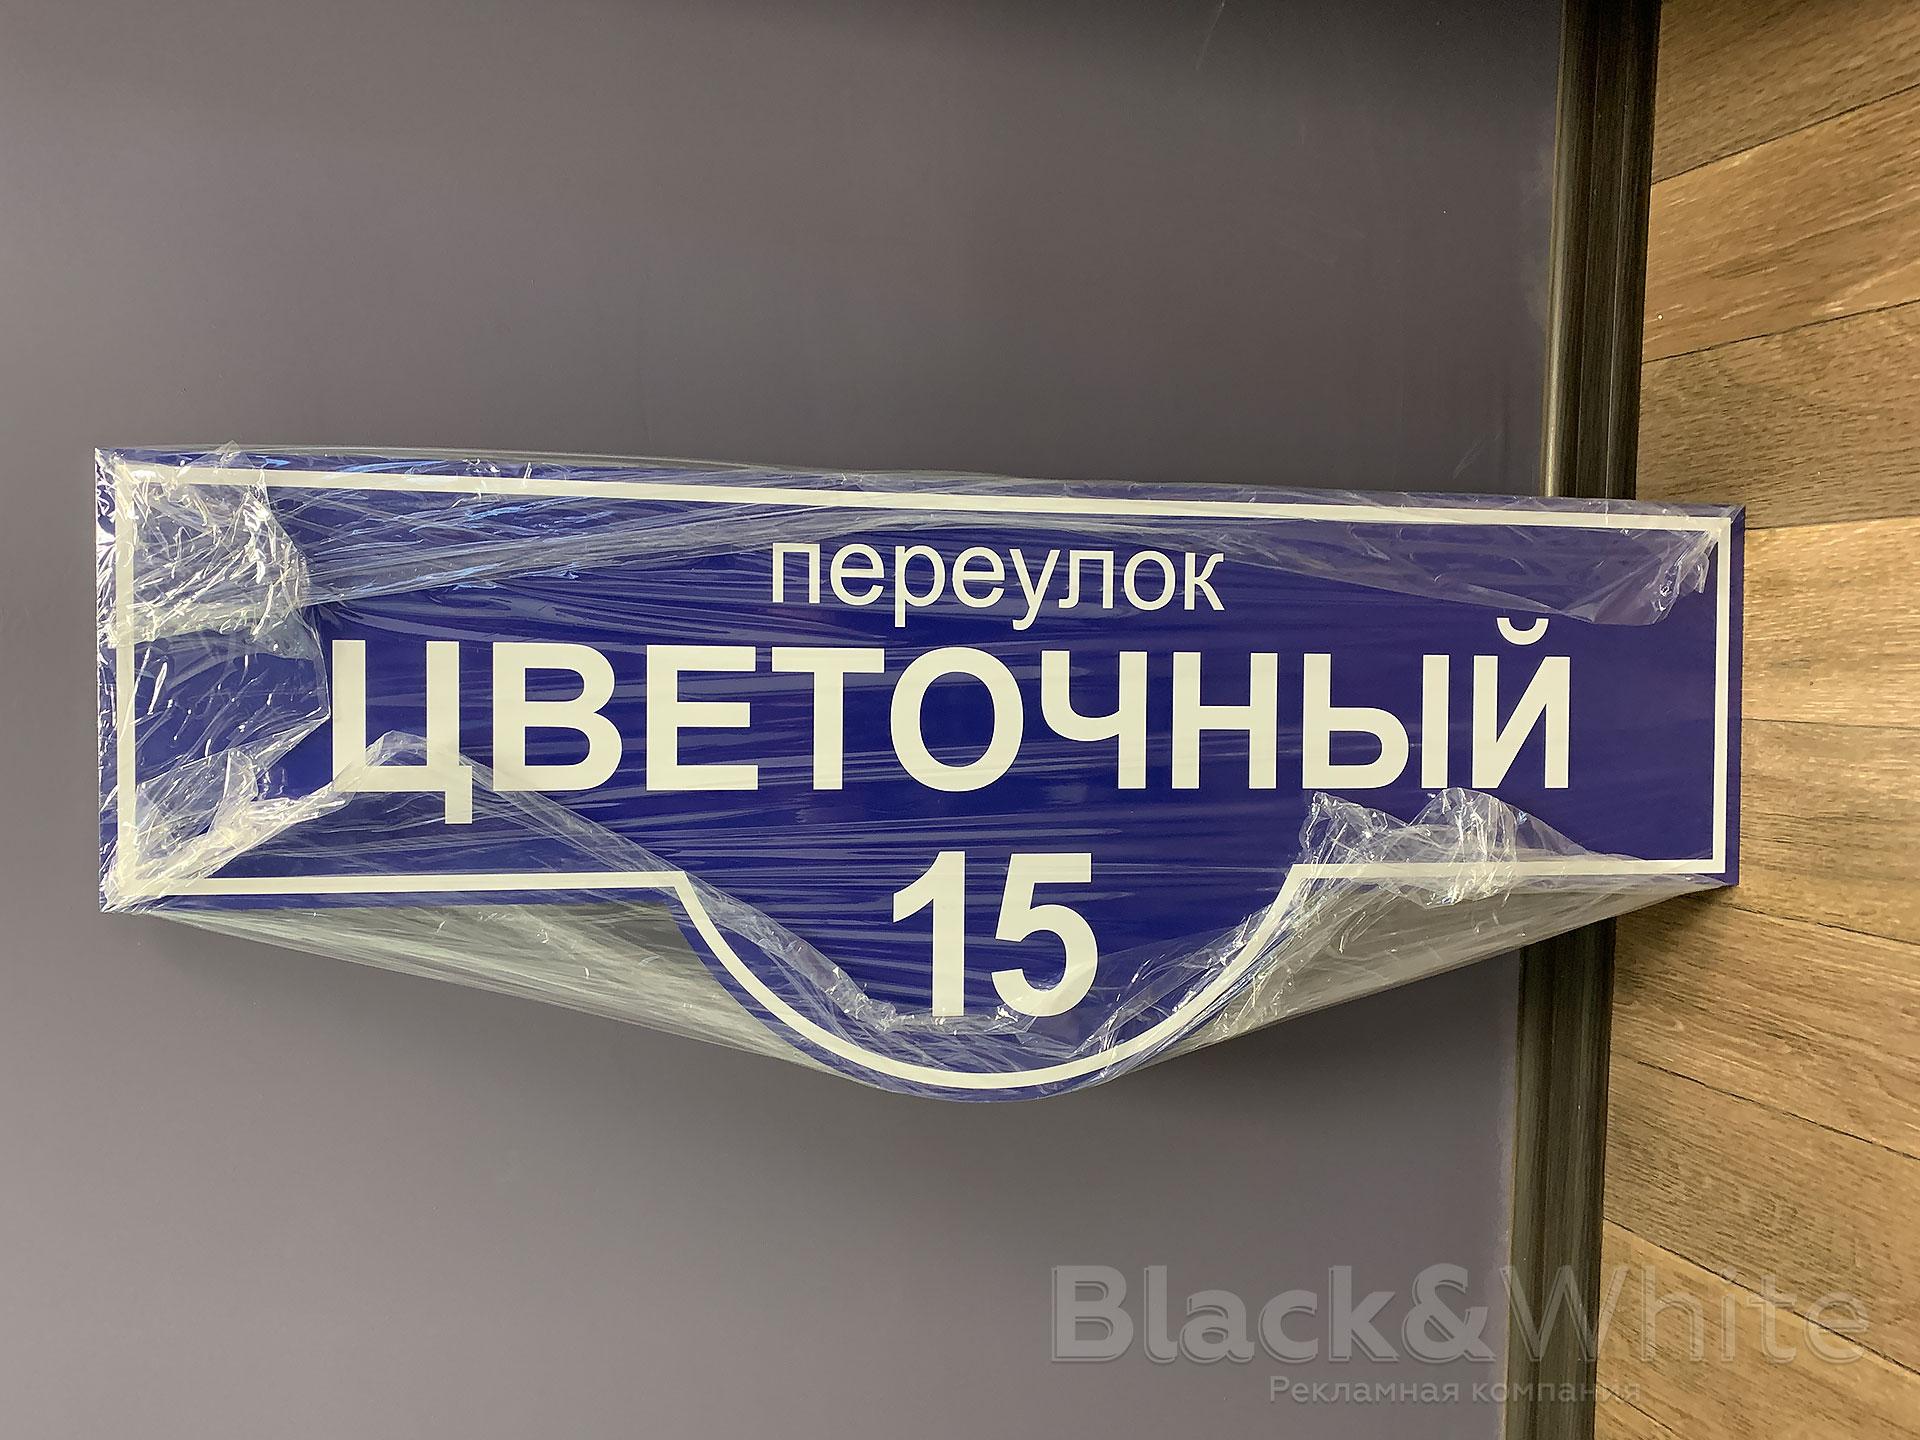 Адресные-таблички-домовые-знаки-красноярск-Black&White...jpg